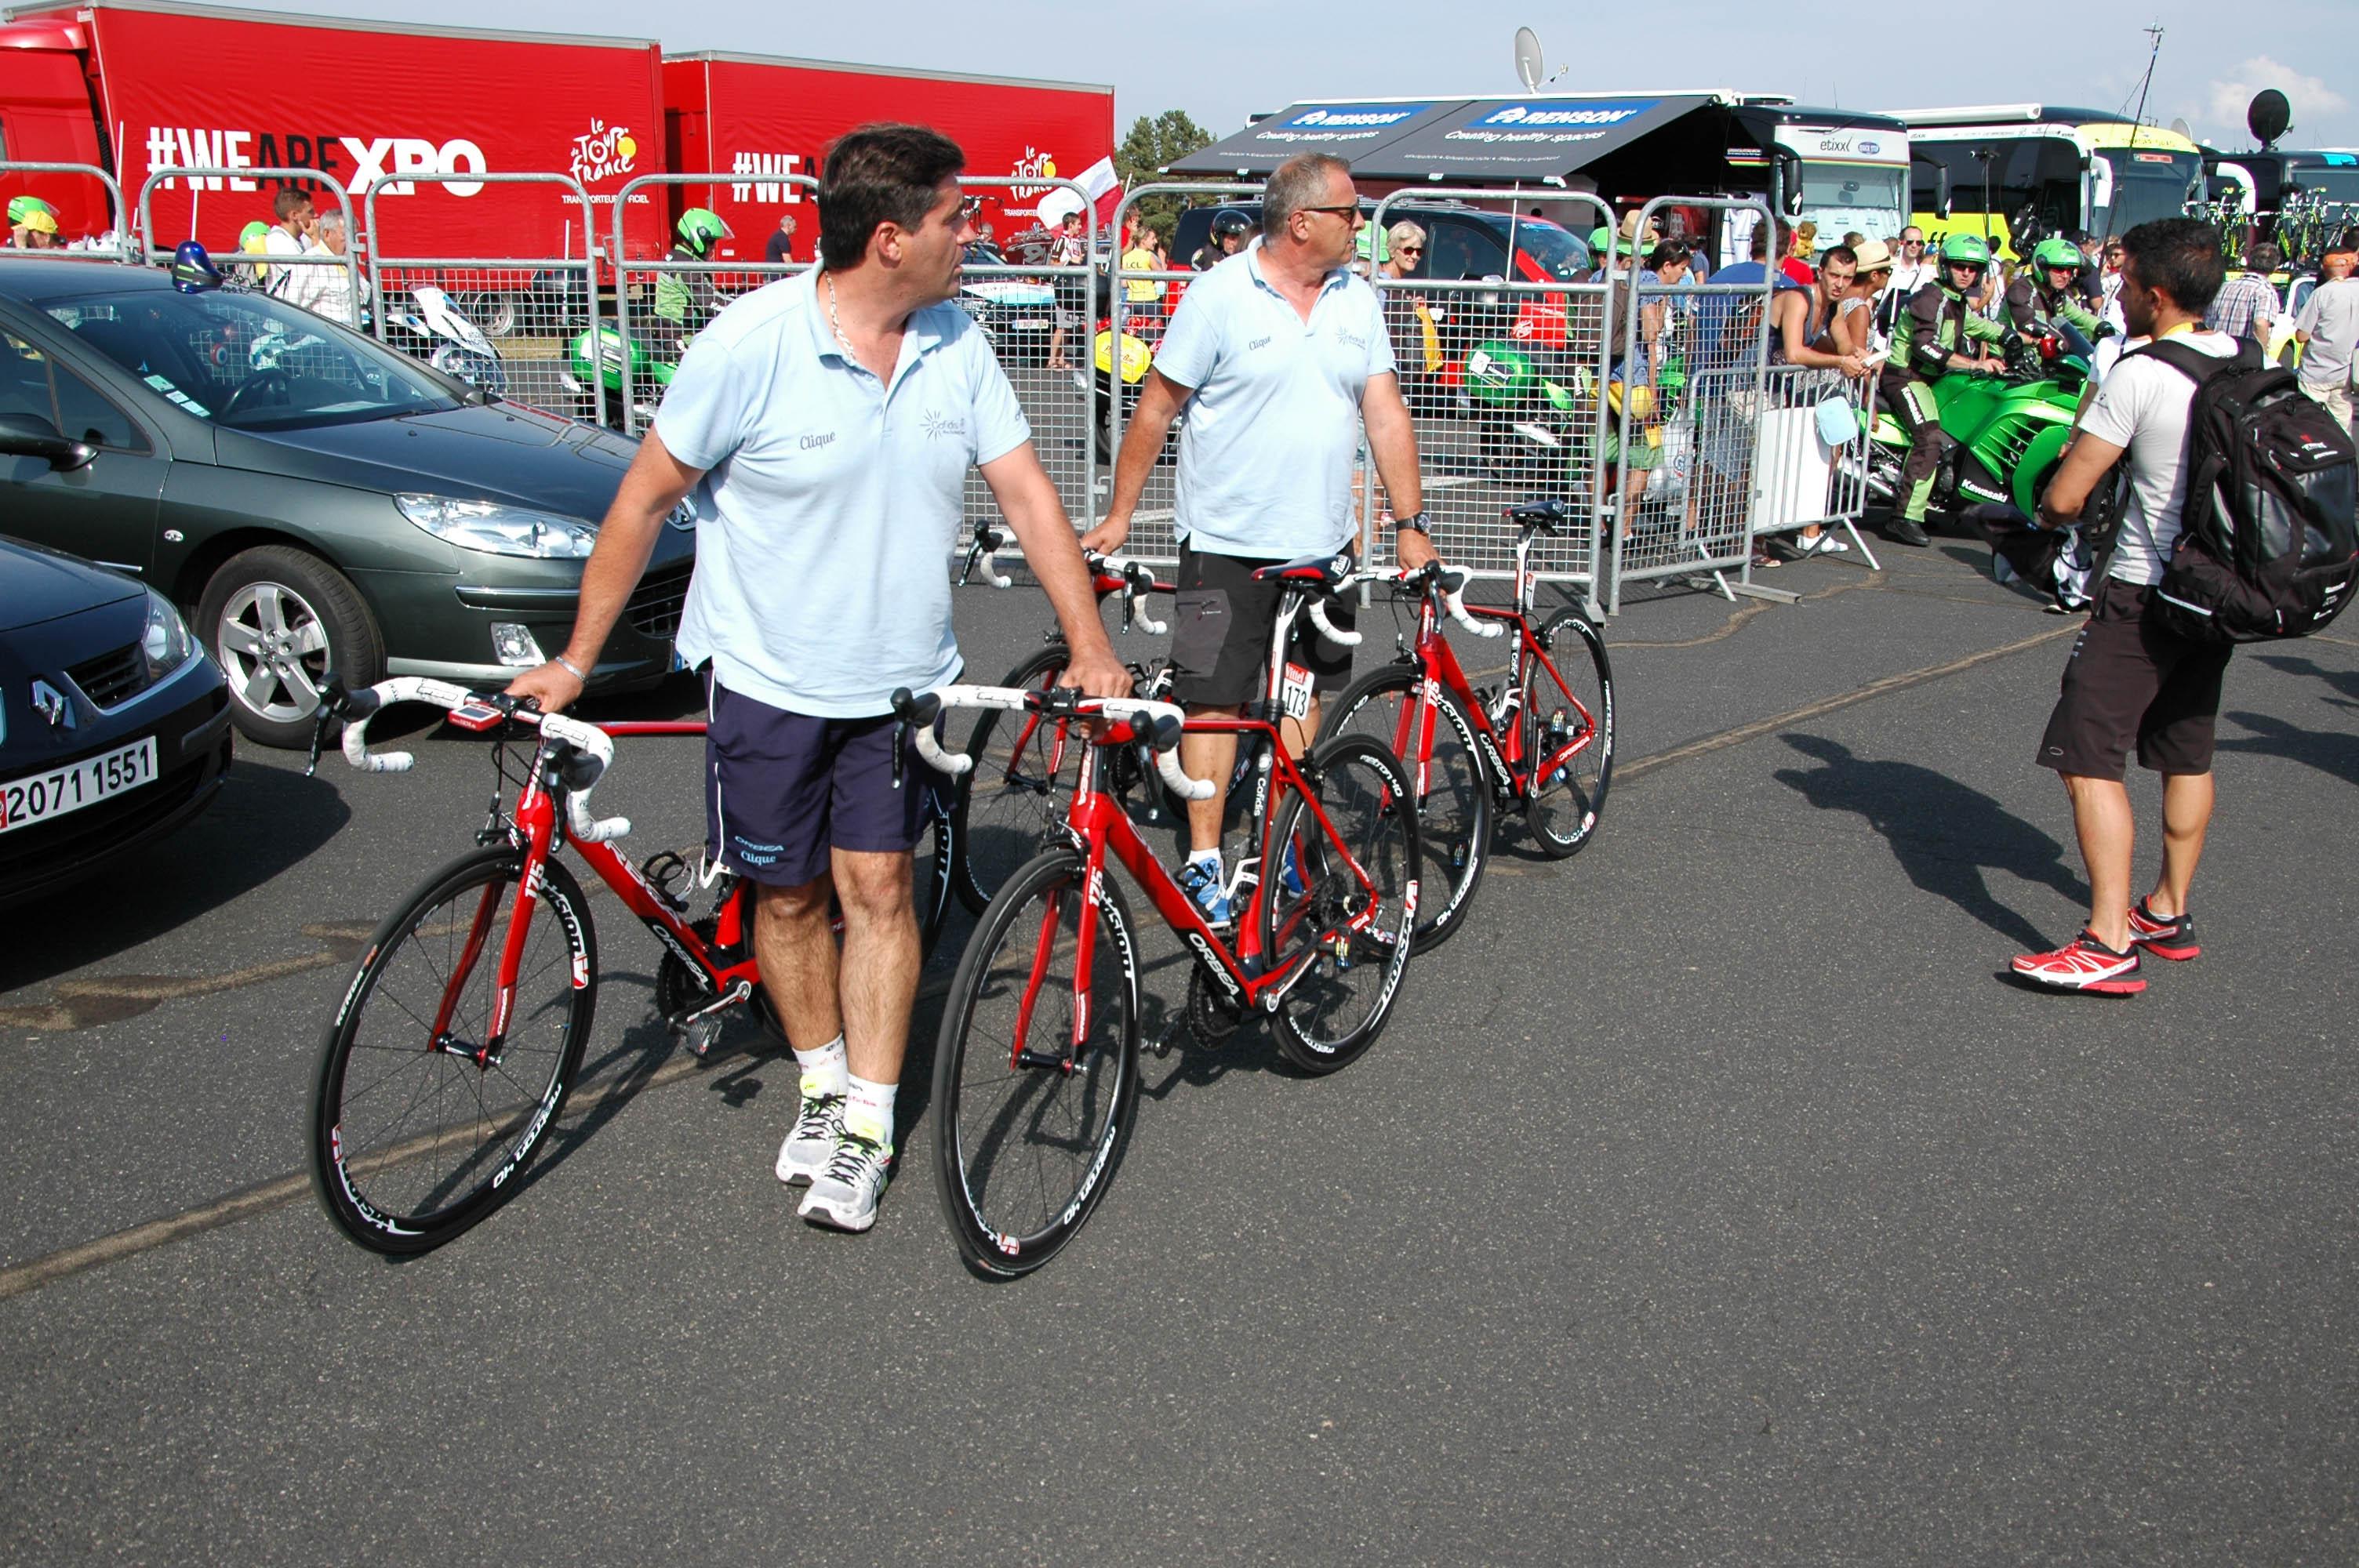 Sjekk: Sykler sjekkes under Tour de France.